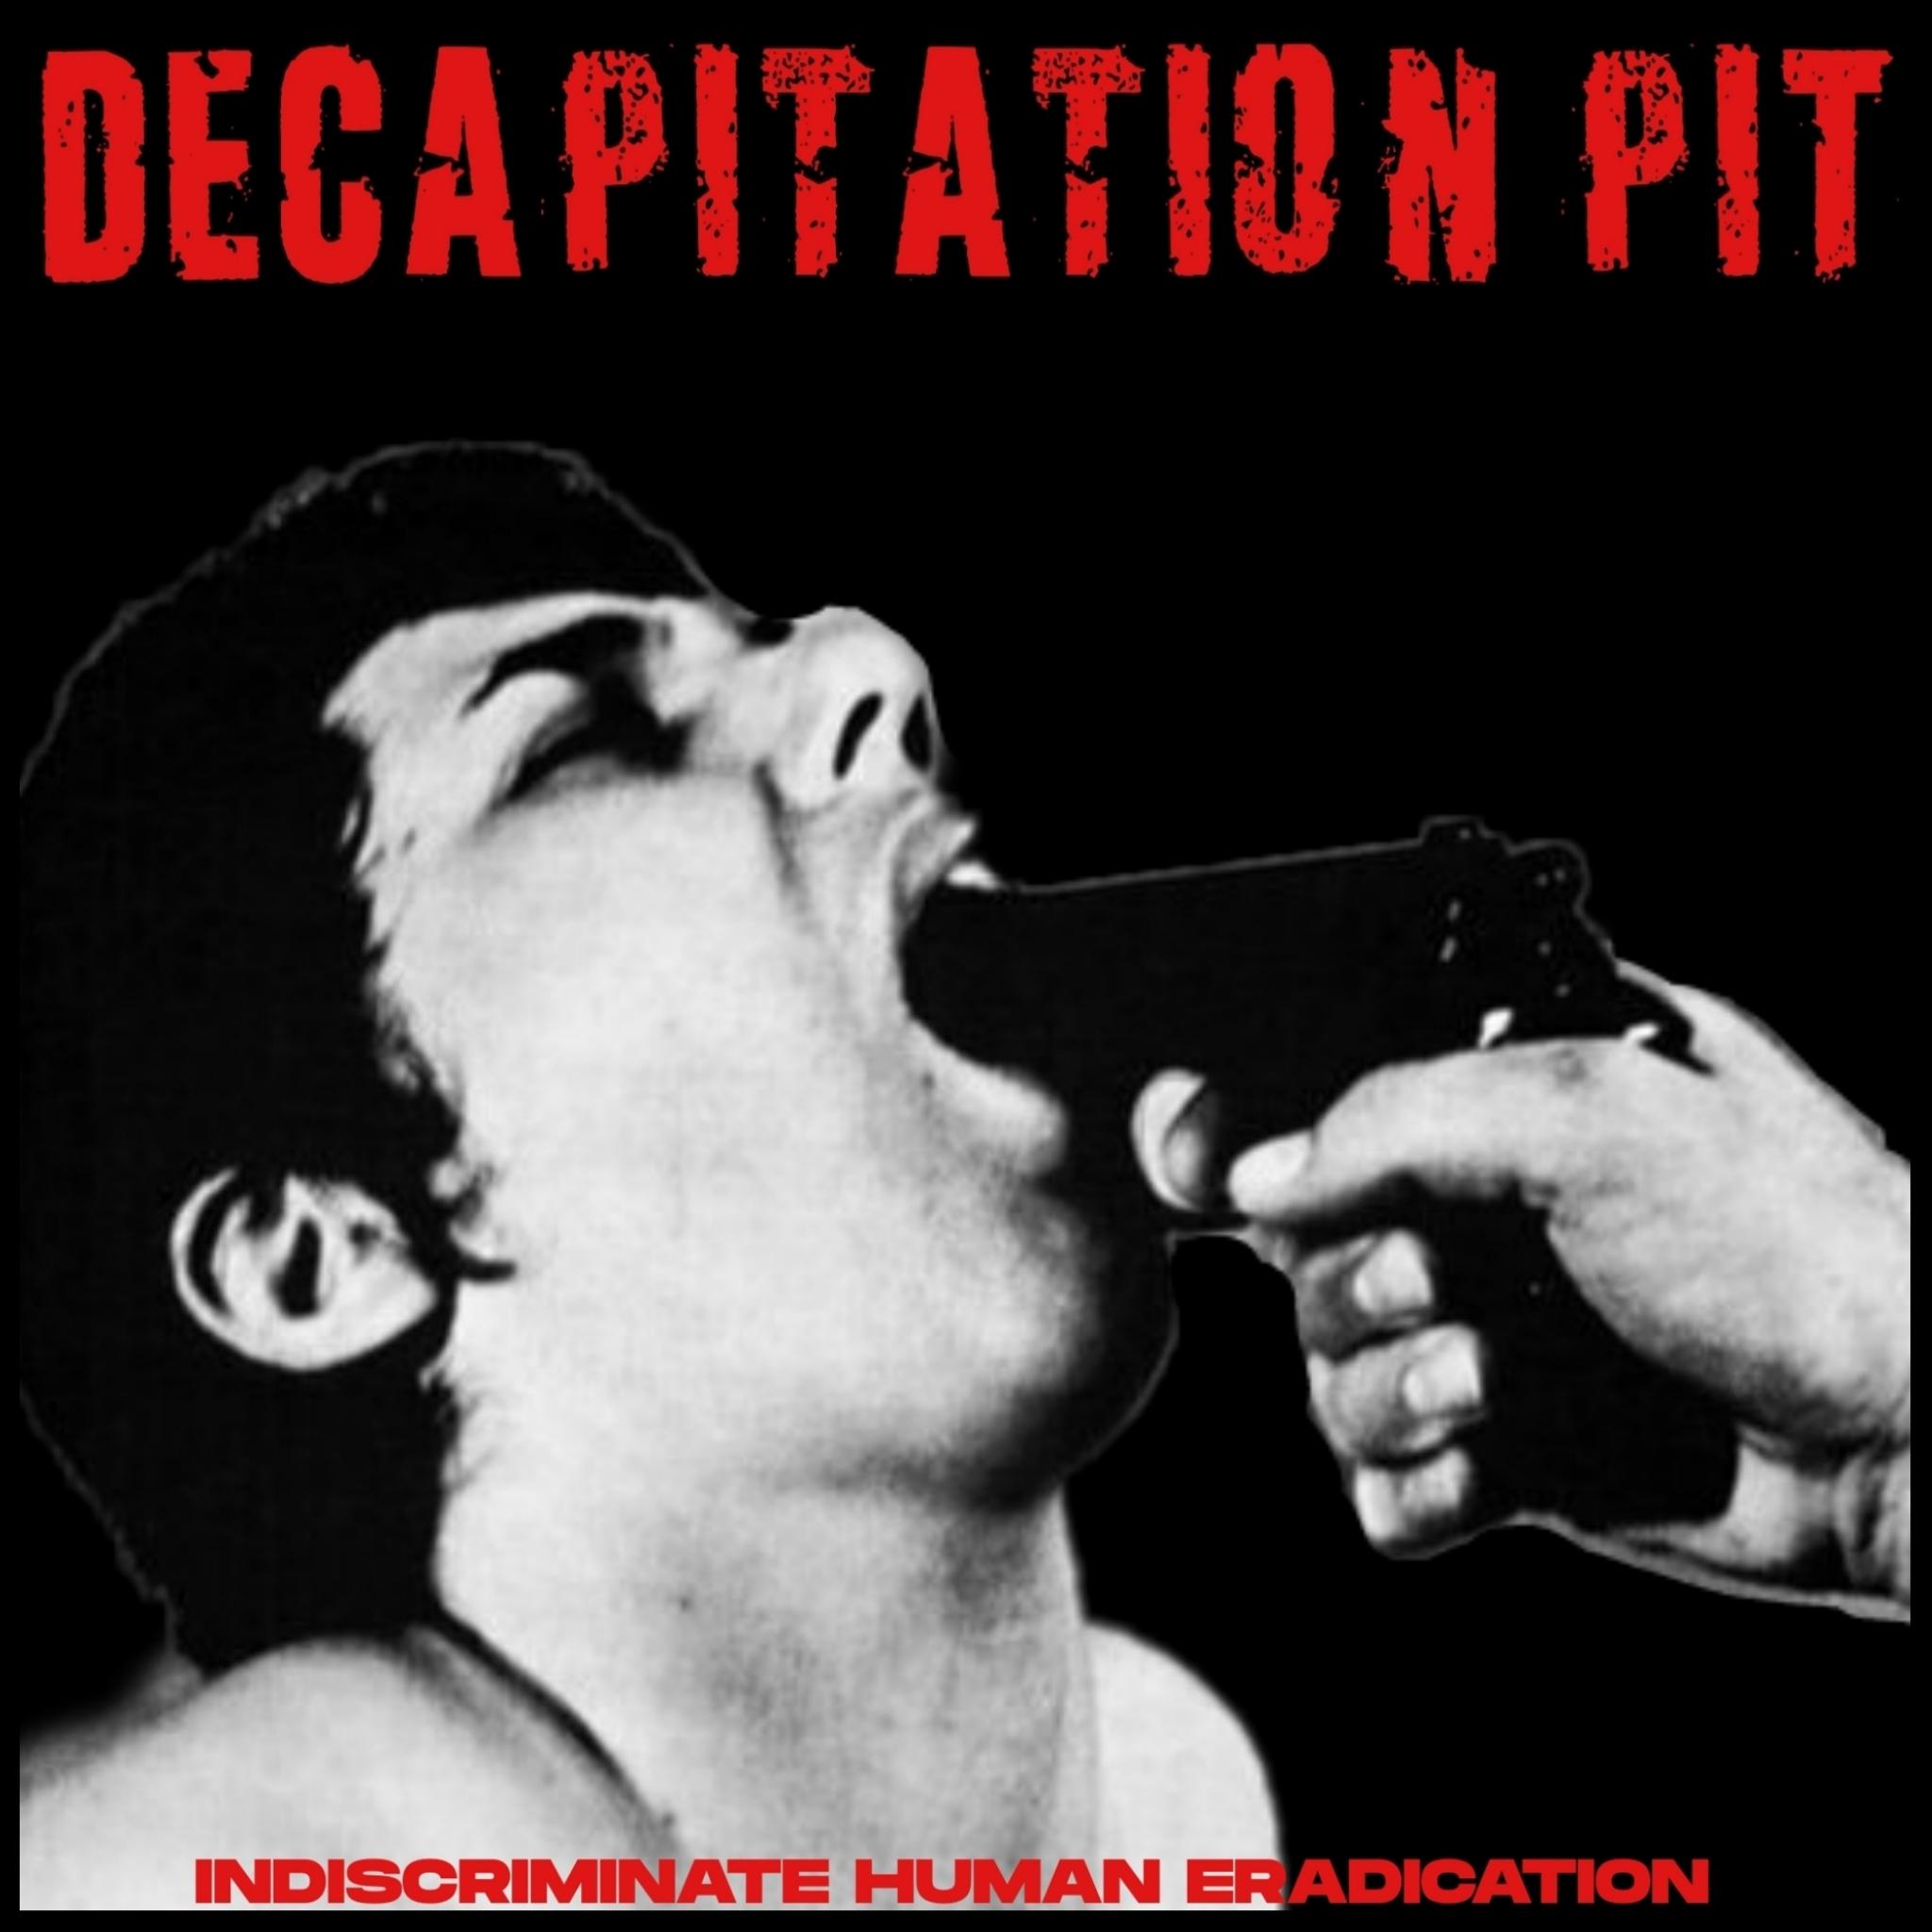 Decapitation Pit - Indiscriminate Human Eradication (EP) (2021)